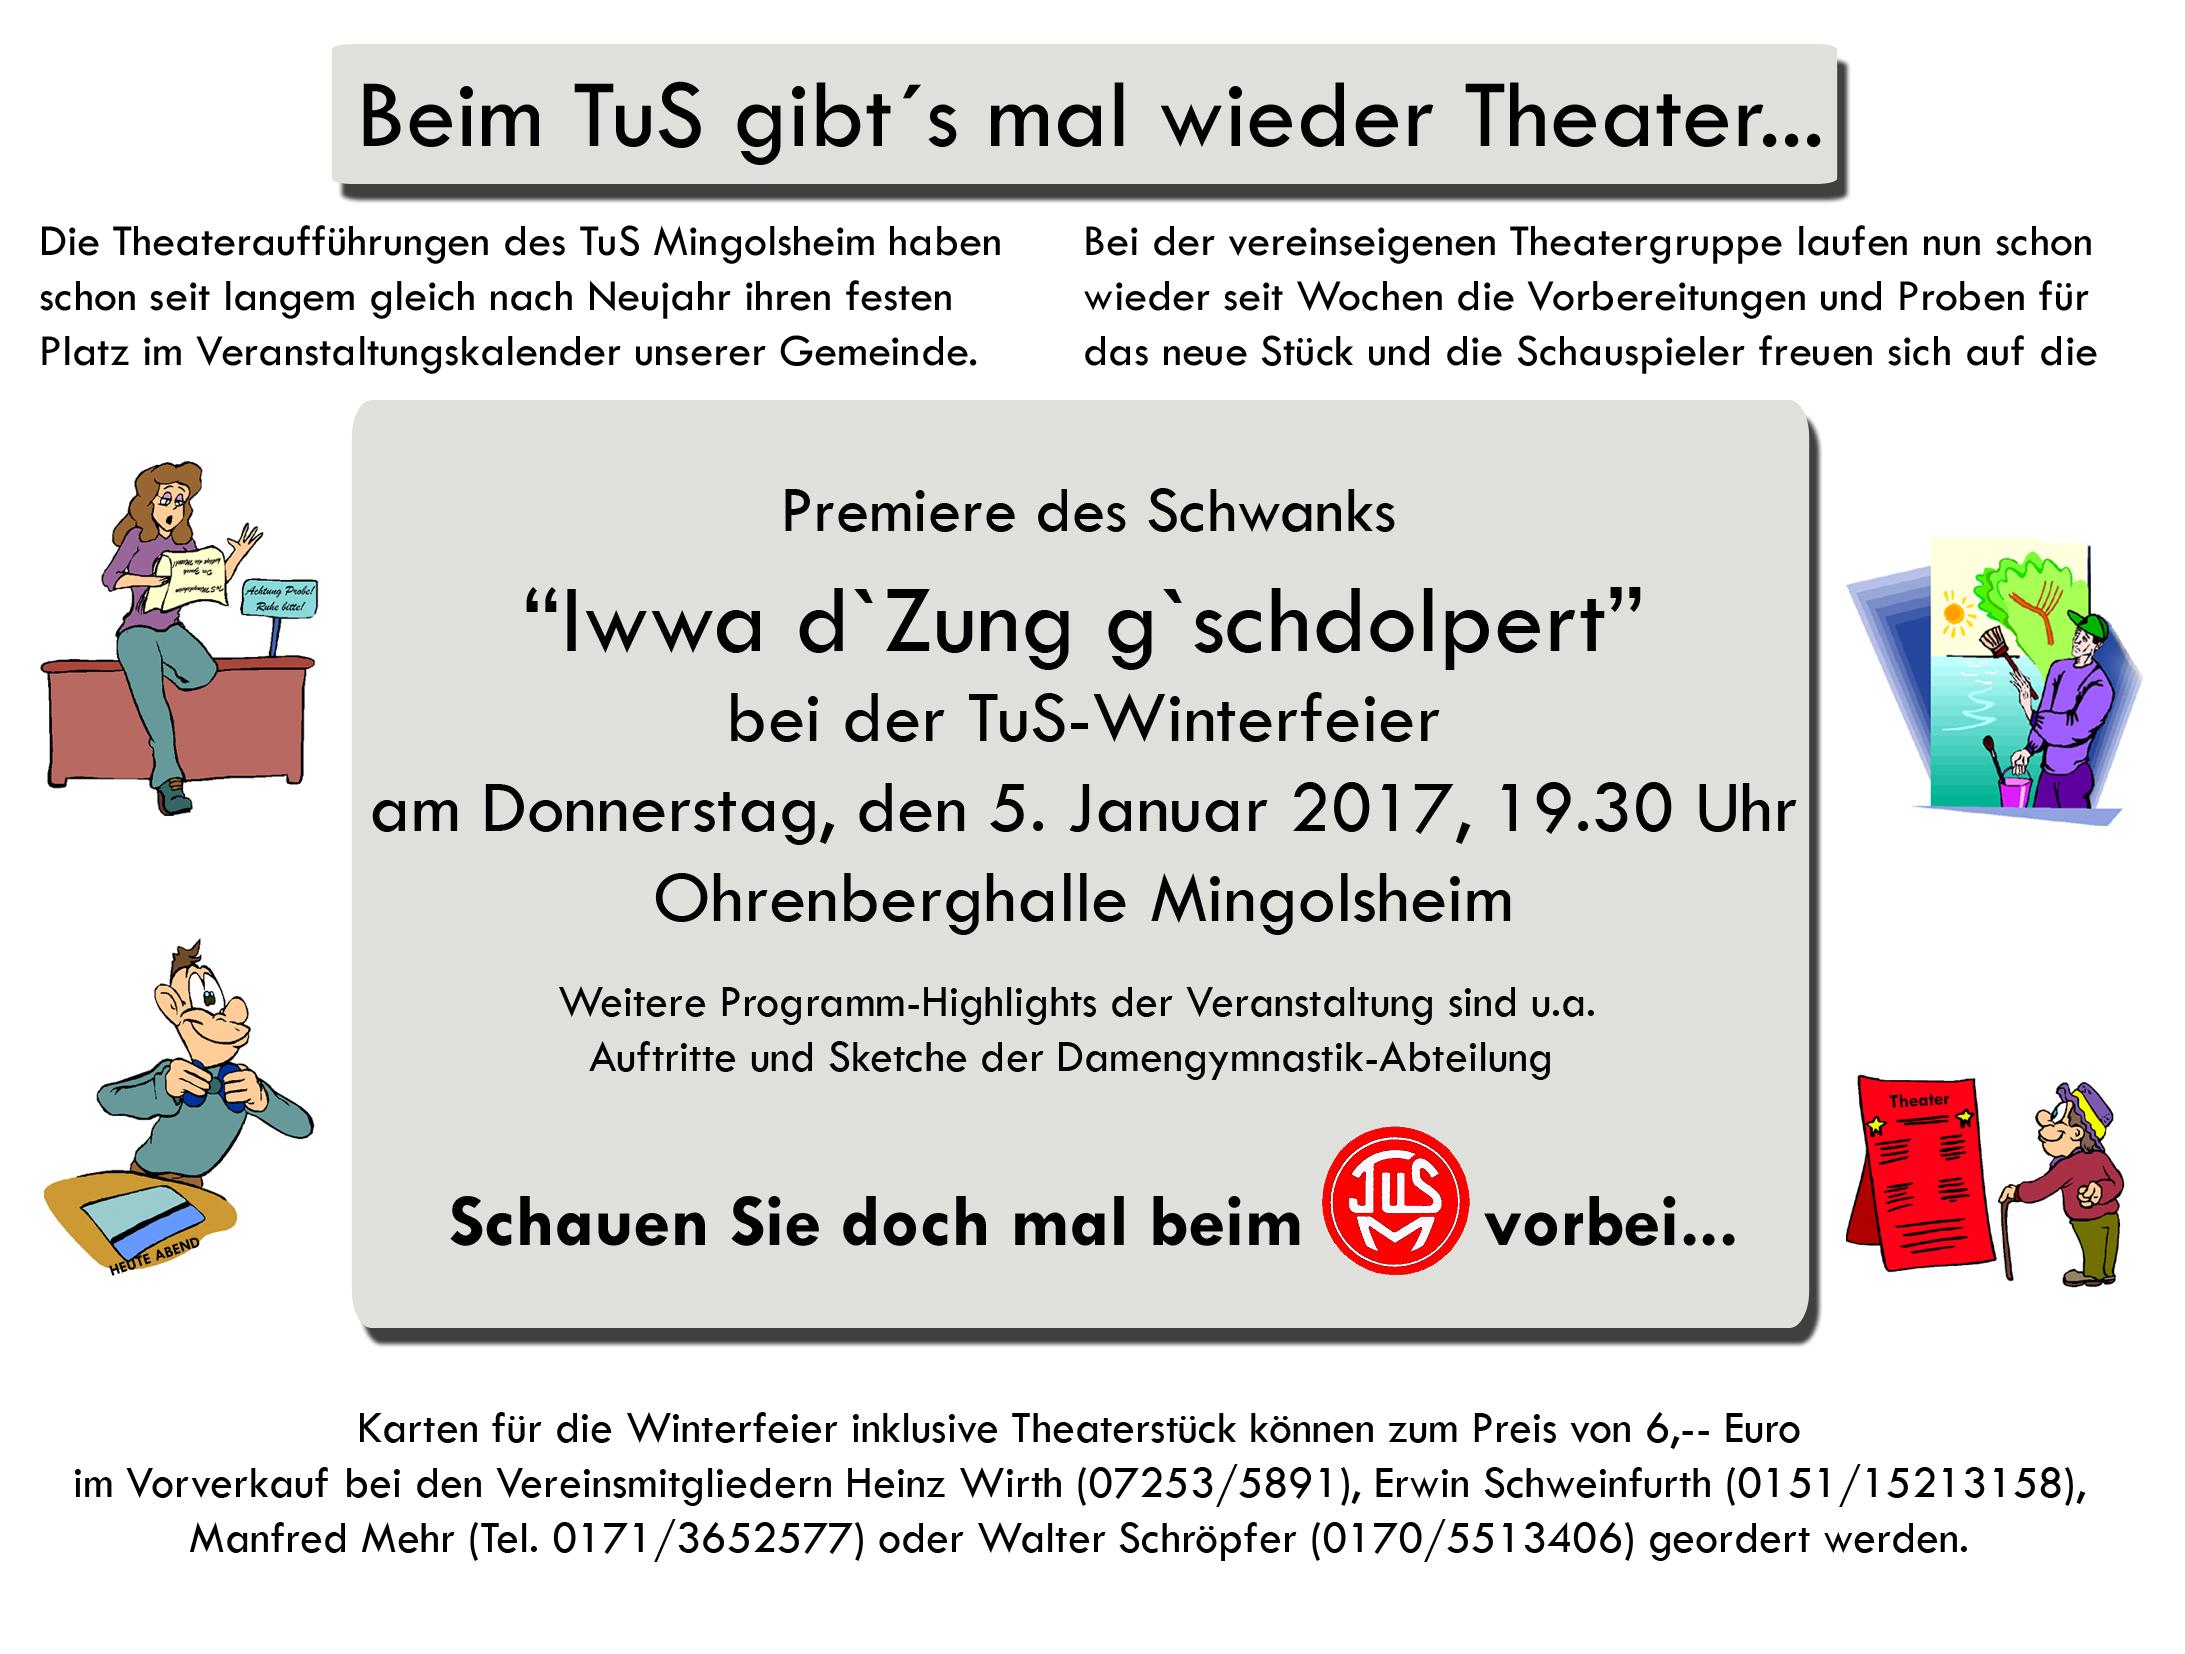 Einladung zur TuS-Winterfeier am 5. Januar 2017